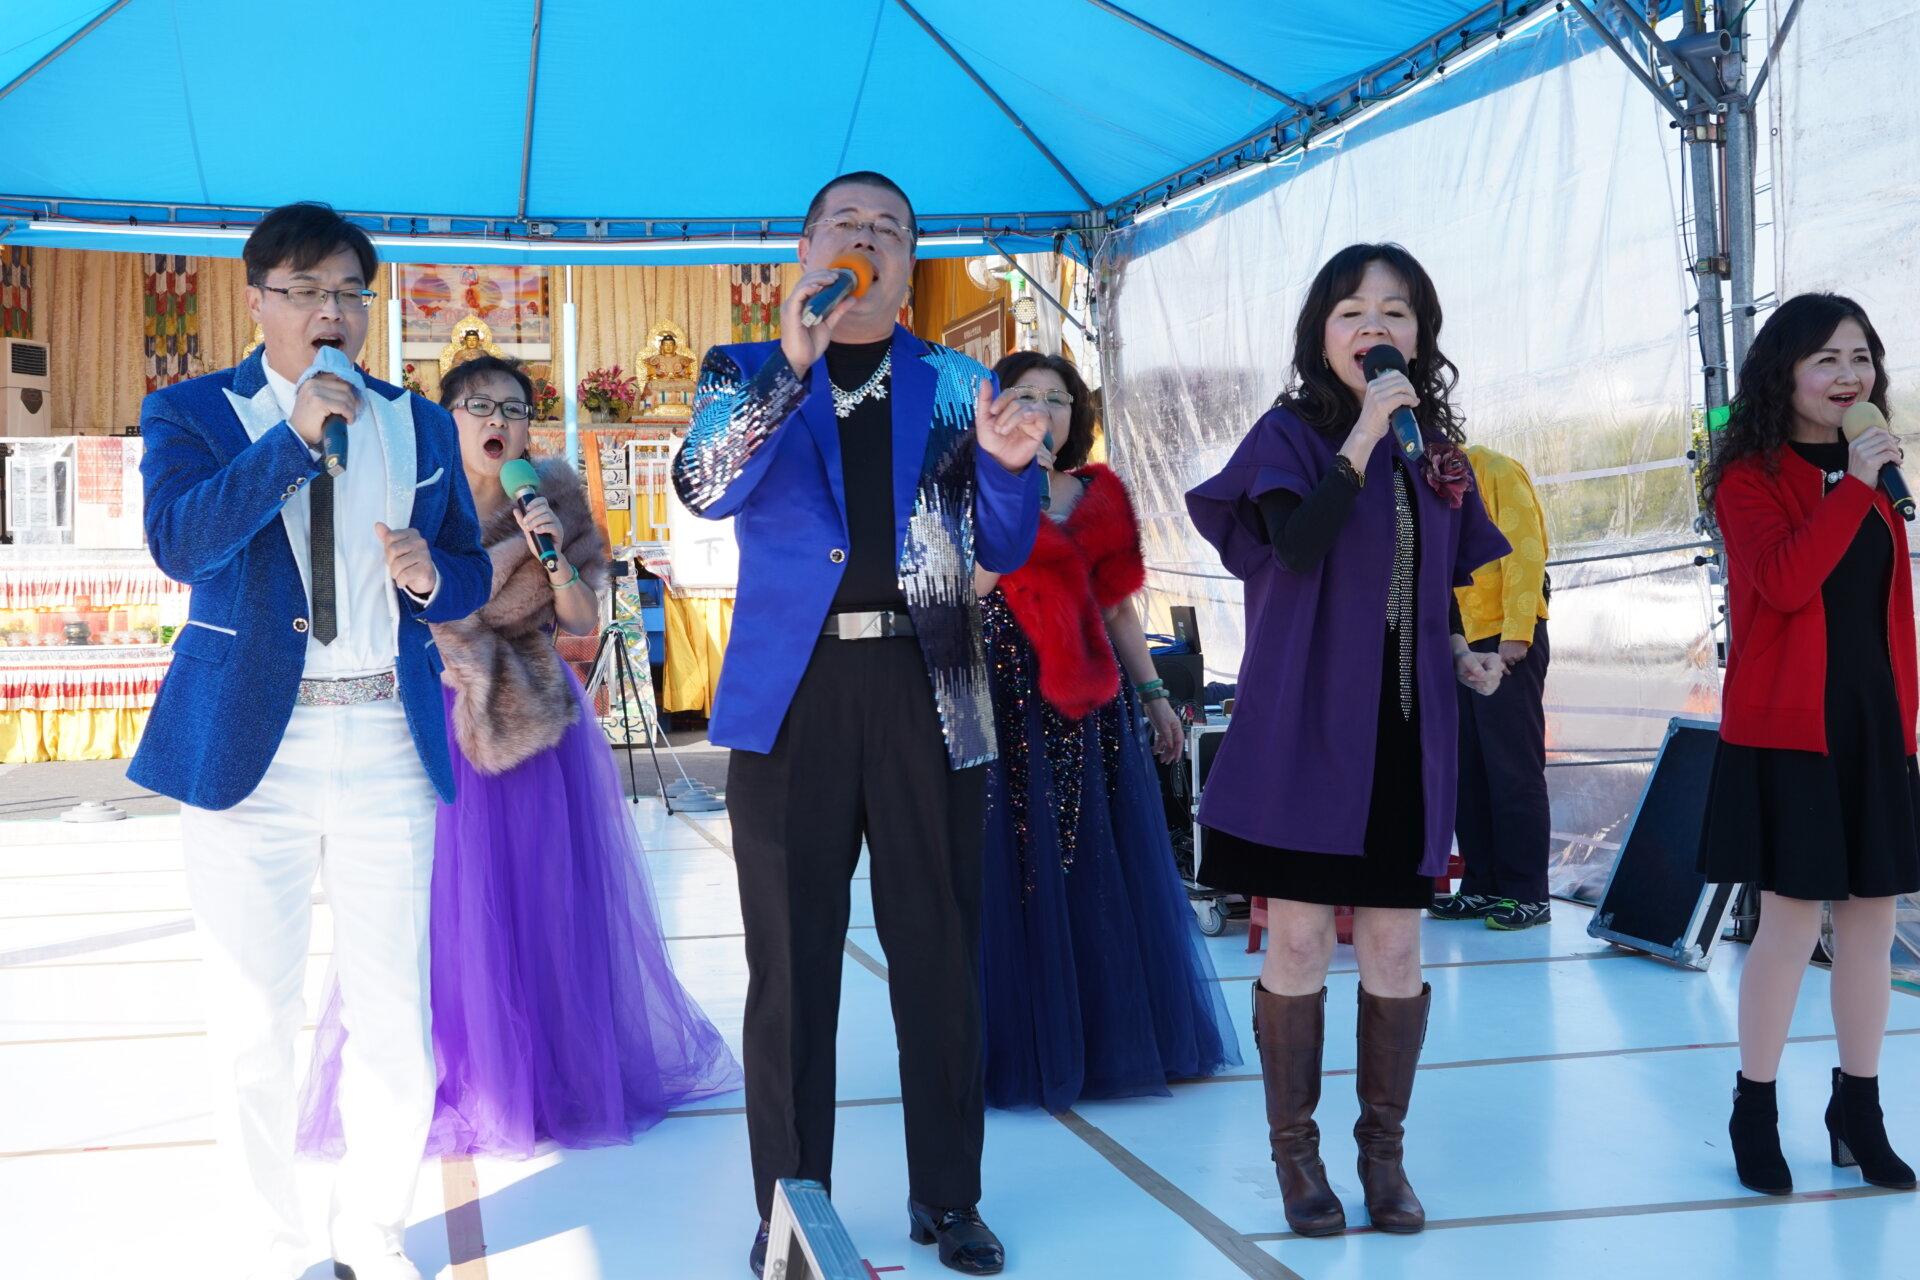 行動佛殿 樂藝供佛 多位歌手公益演出